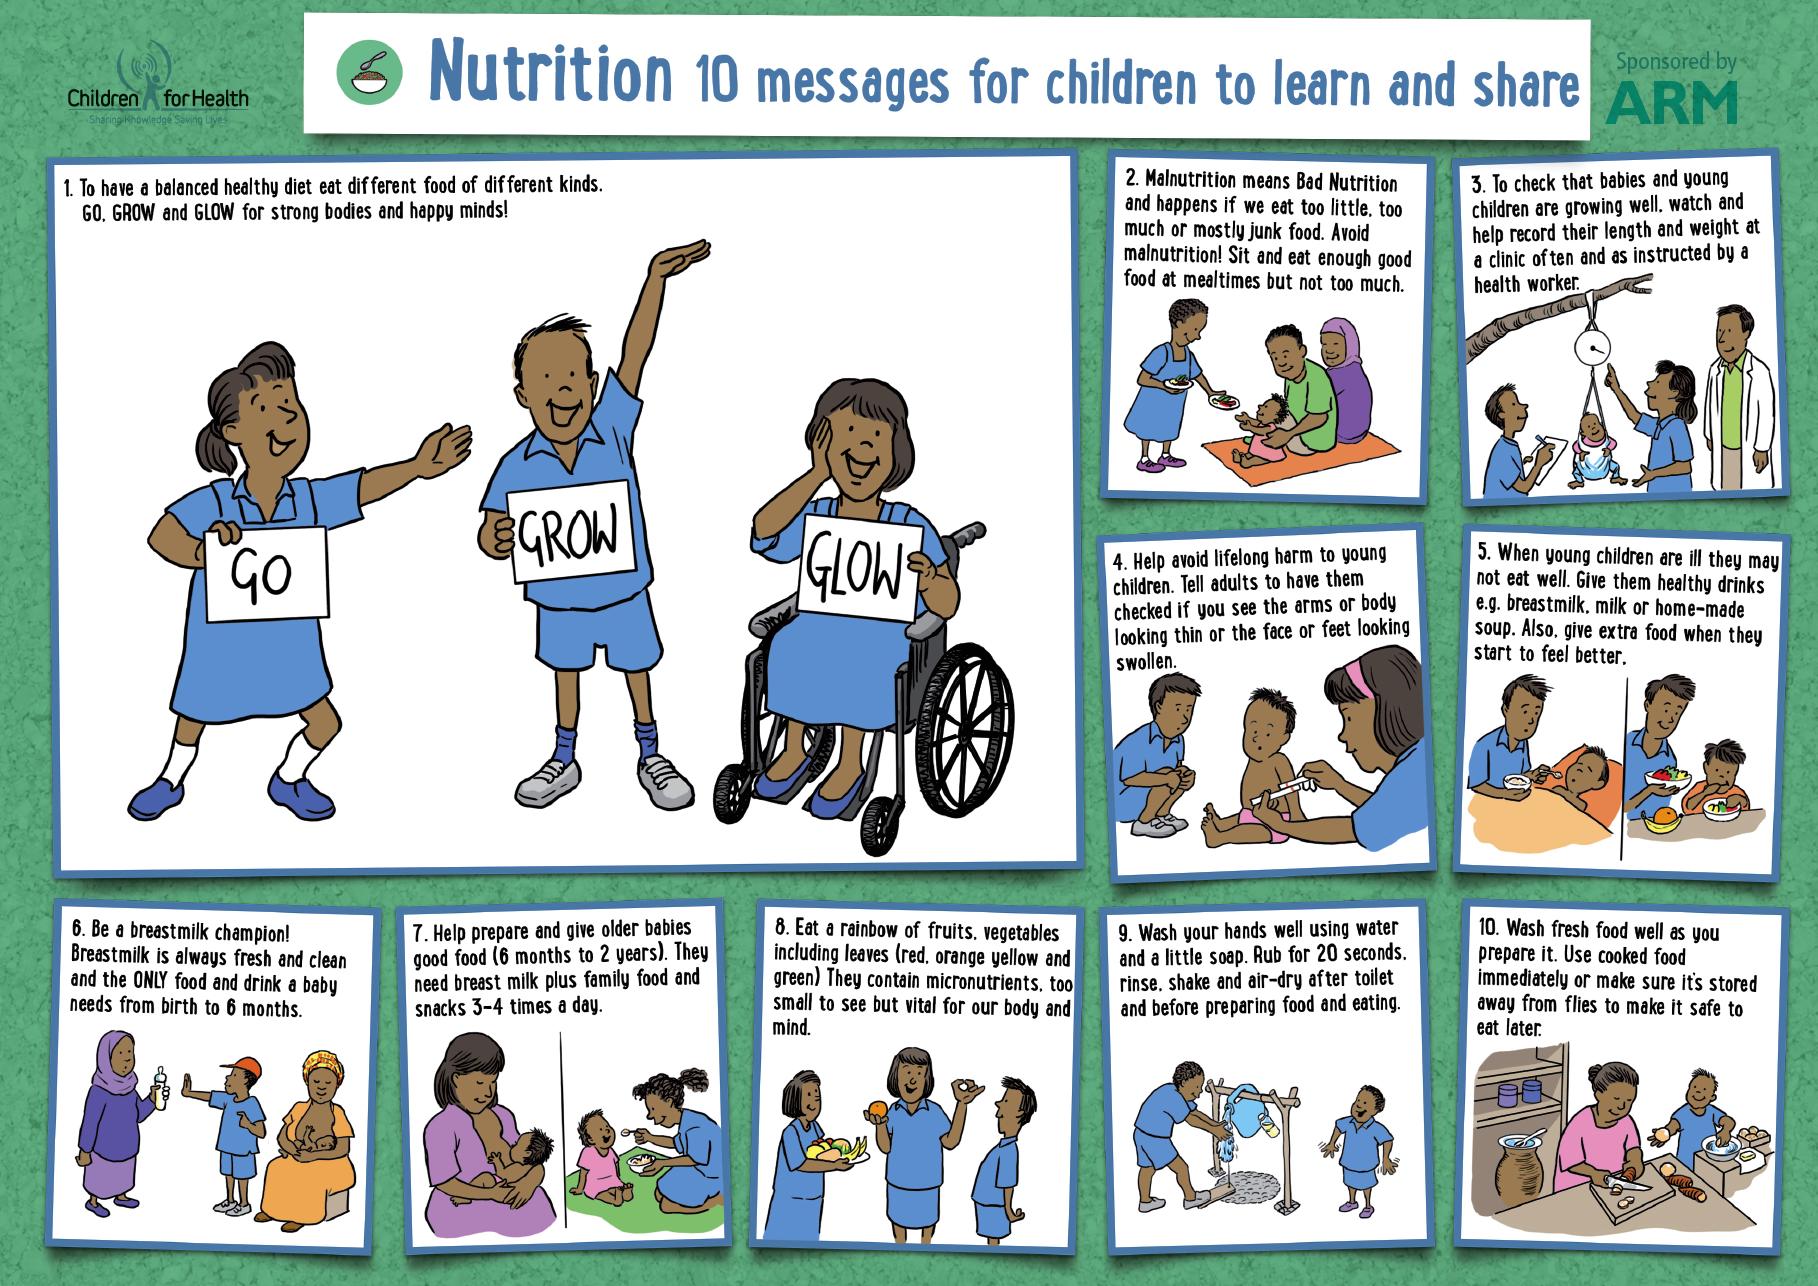 Resources | Children for Health